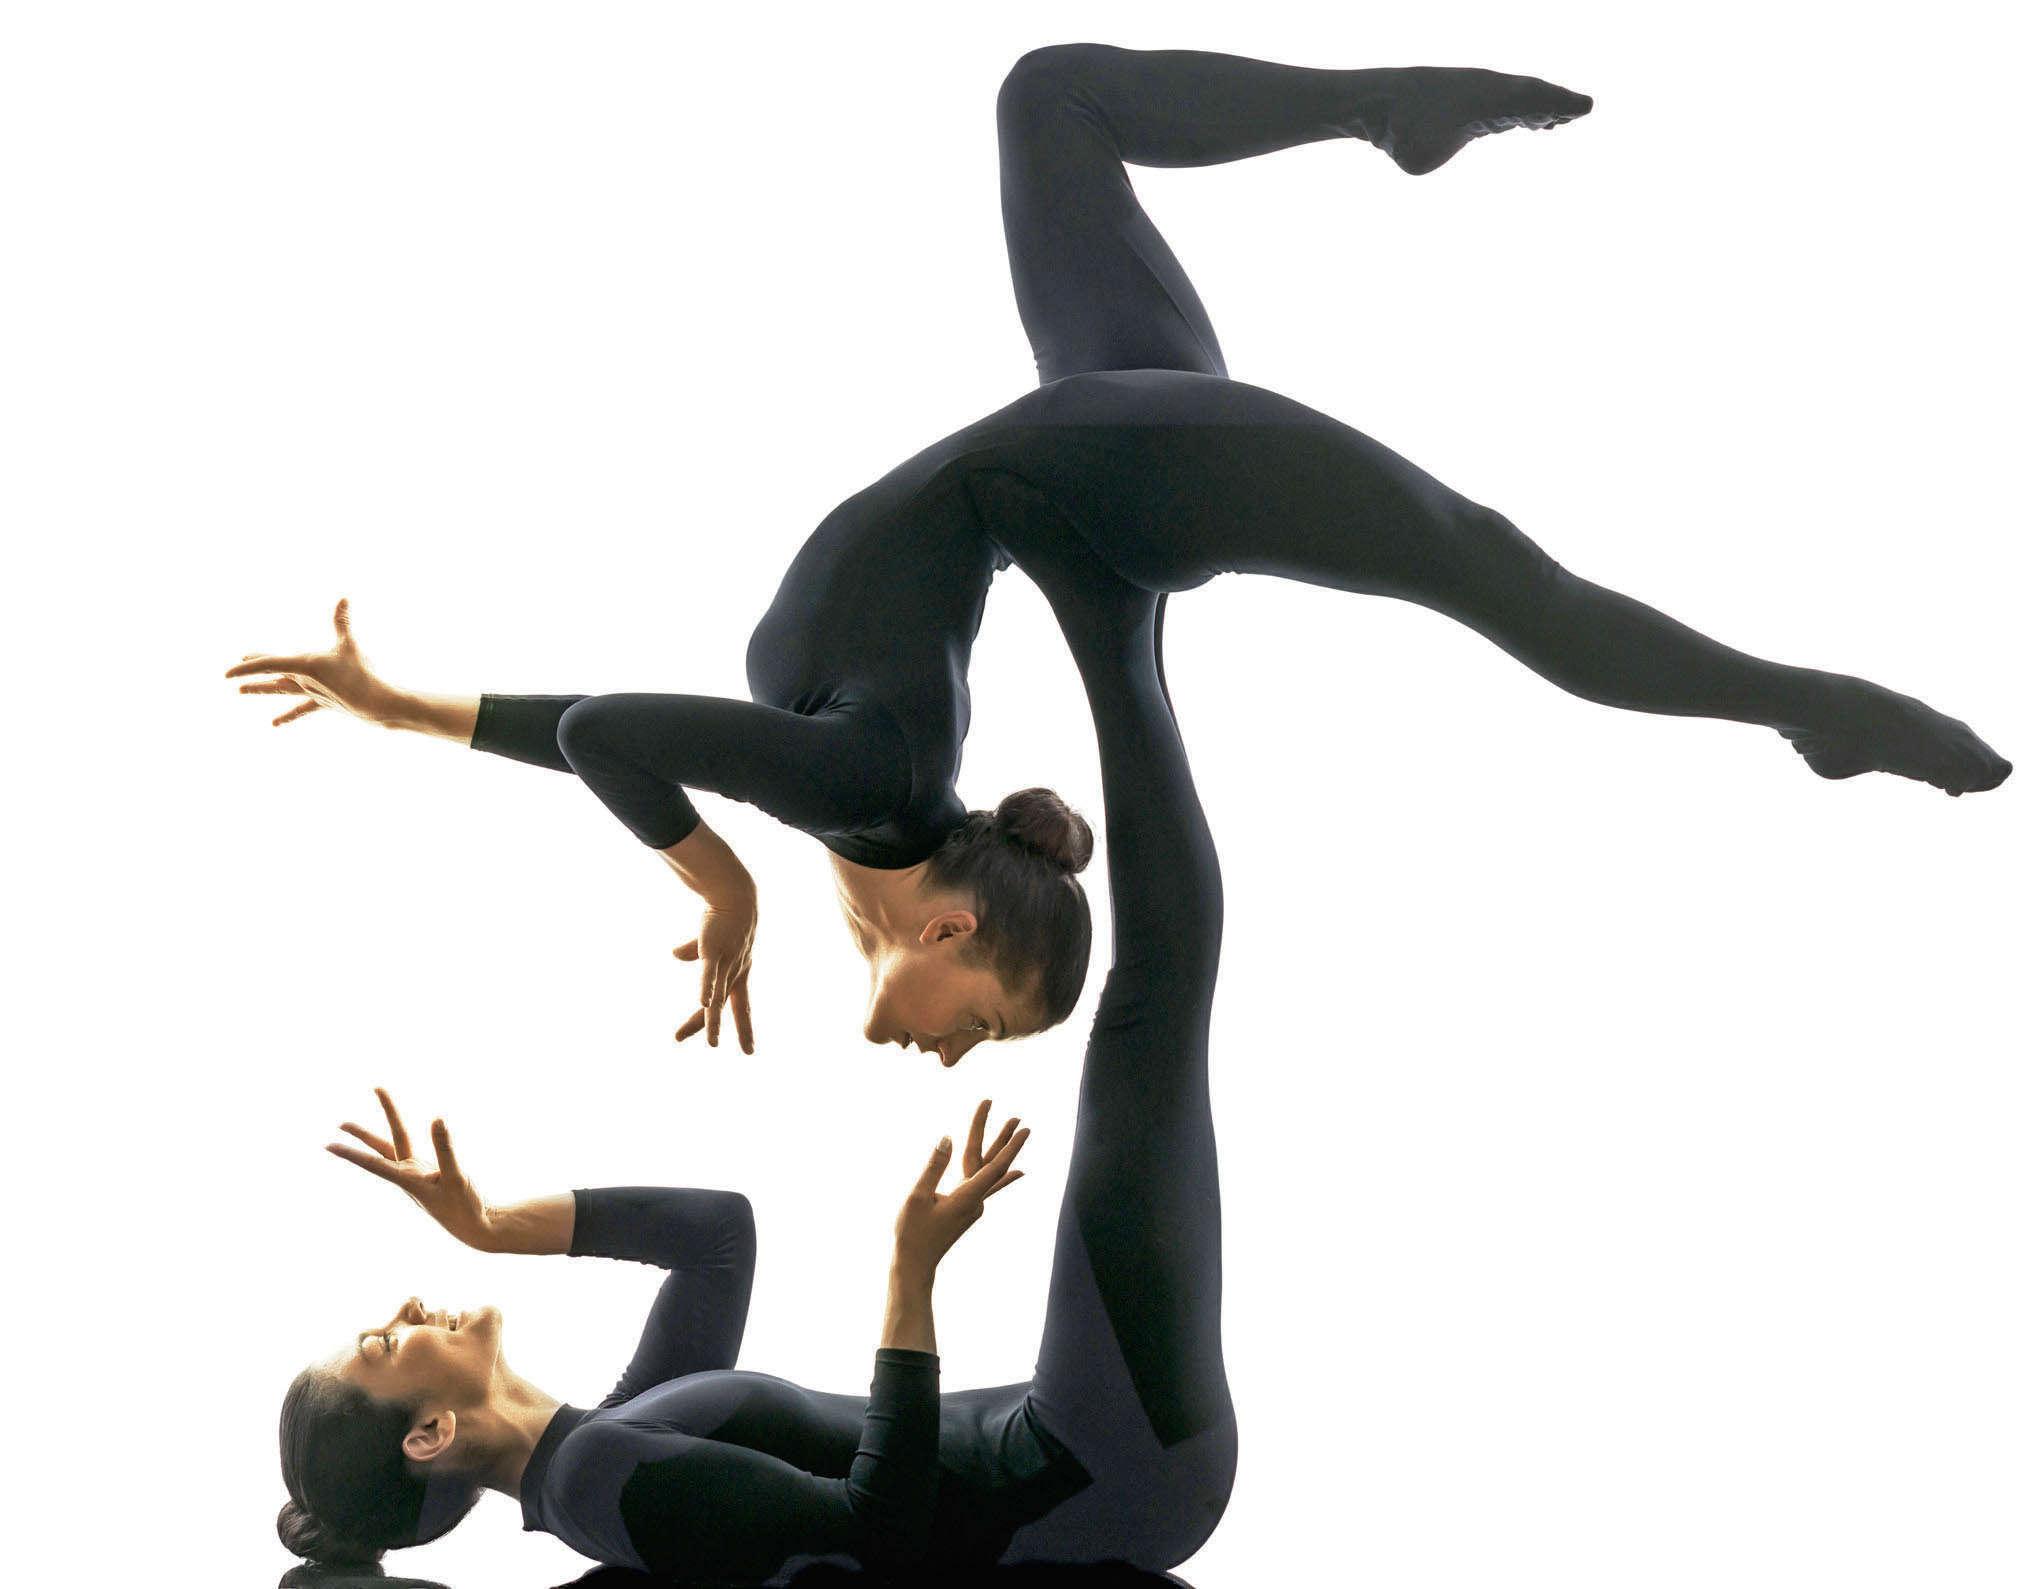 спортивная акробатика картинки арты джинсы останутся модные